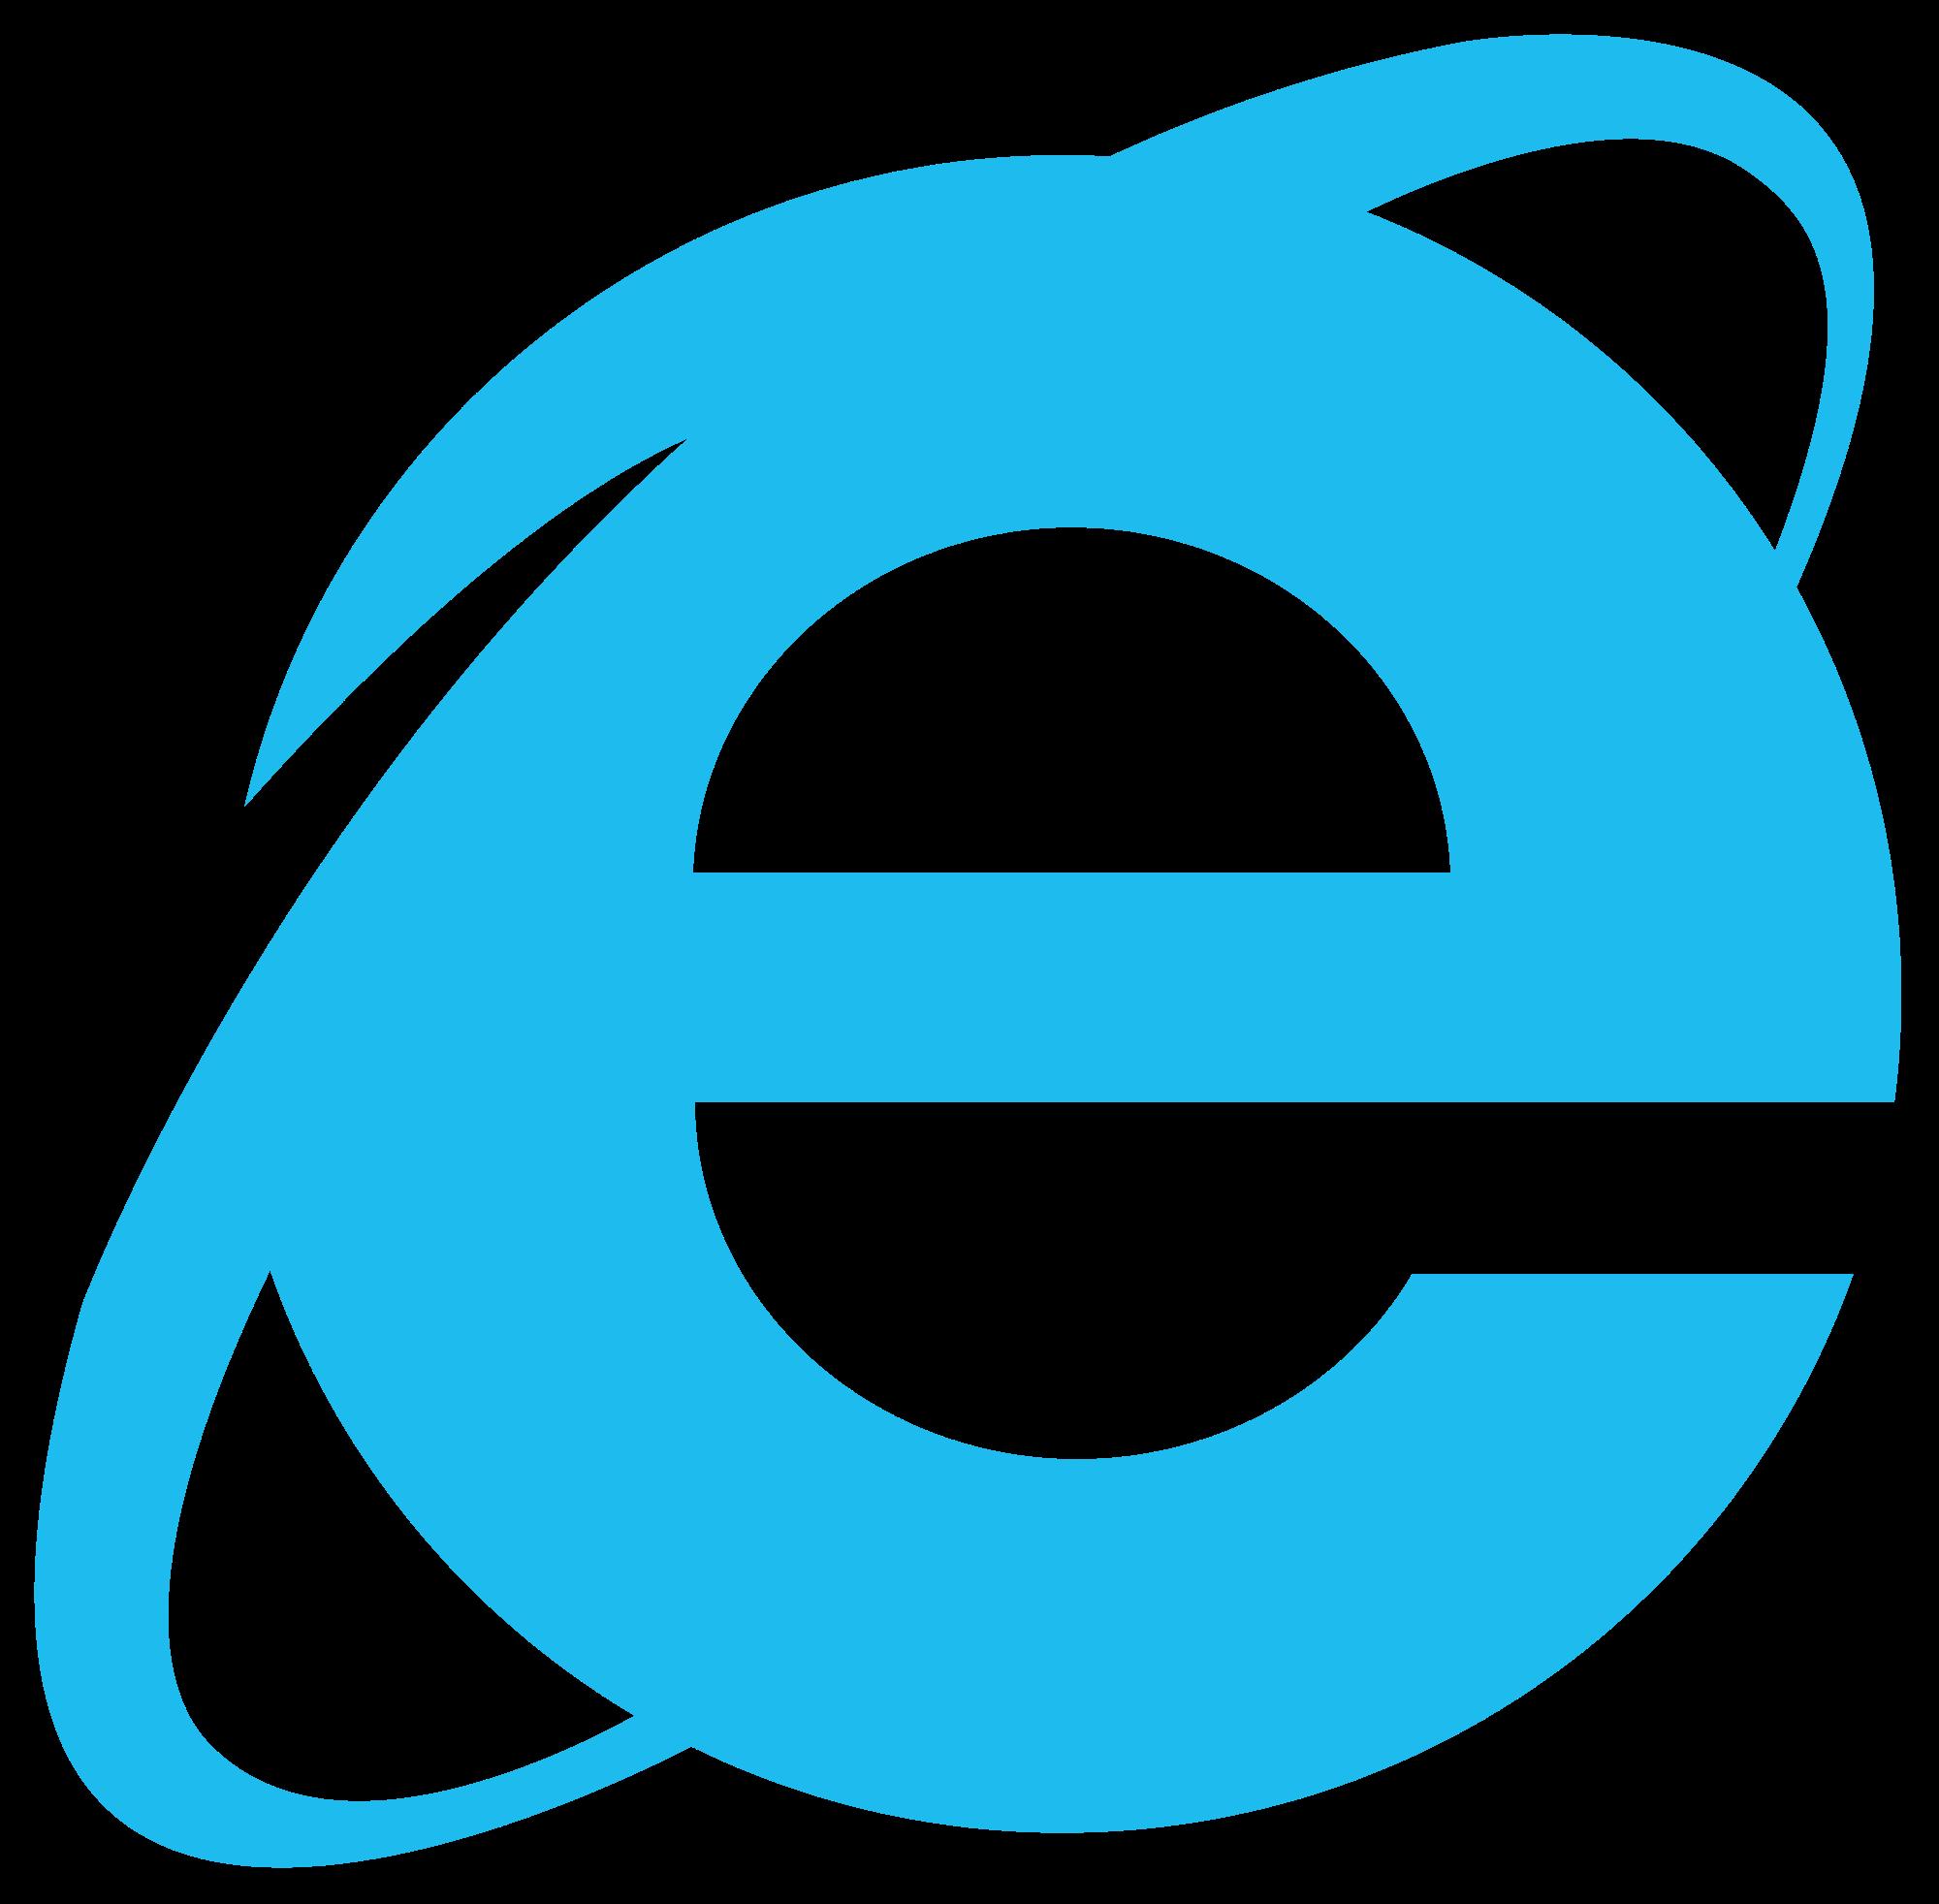 Explorer clipart vector. Logos